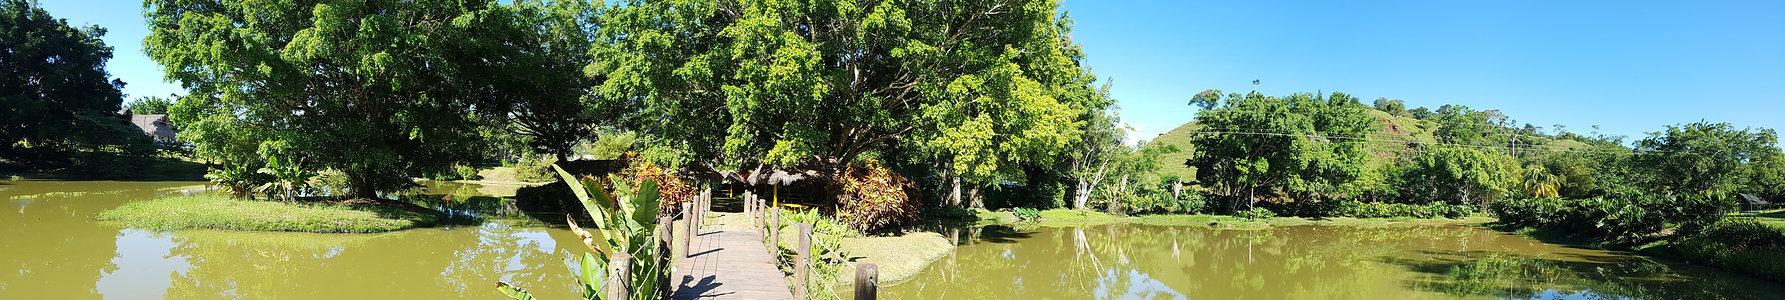 Los Colores Ecoparque Rio Claro, Hacienda Napoles Doradal